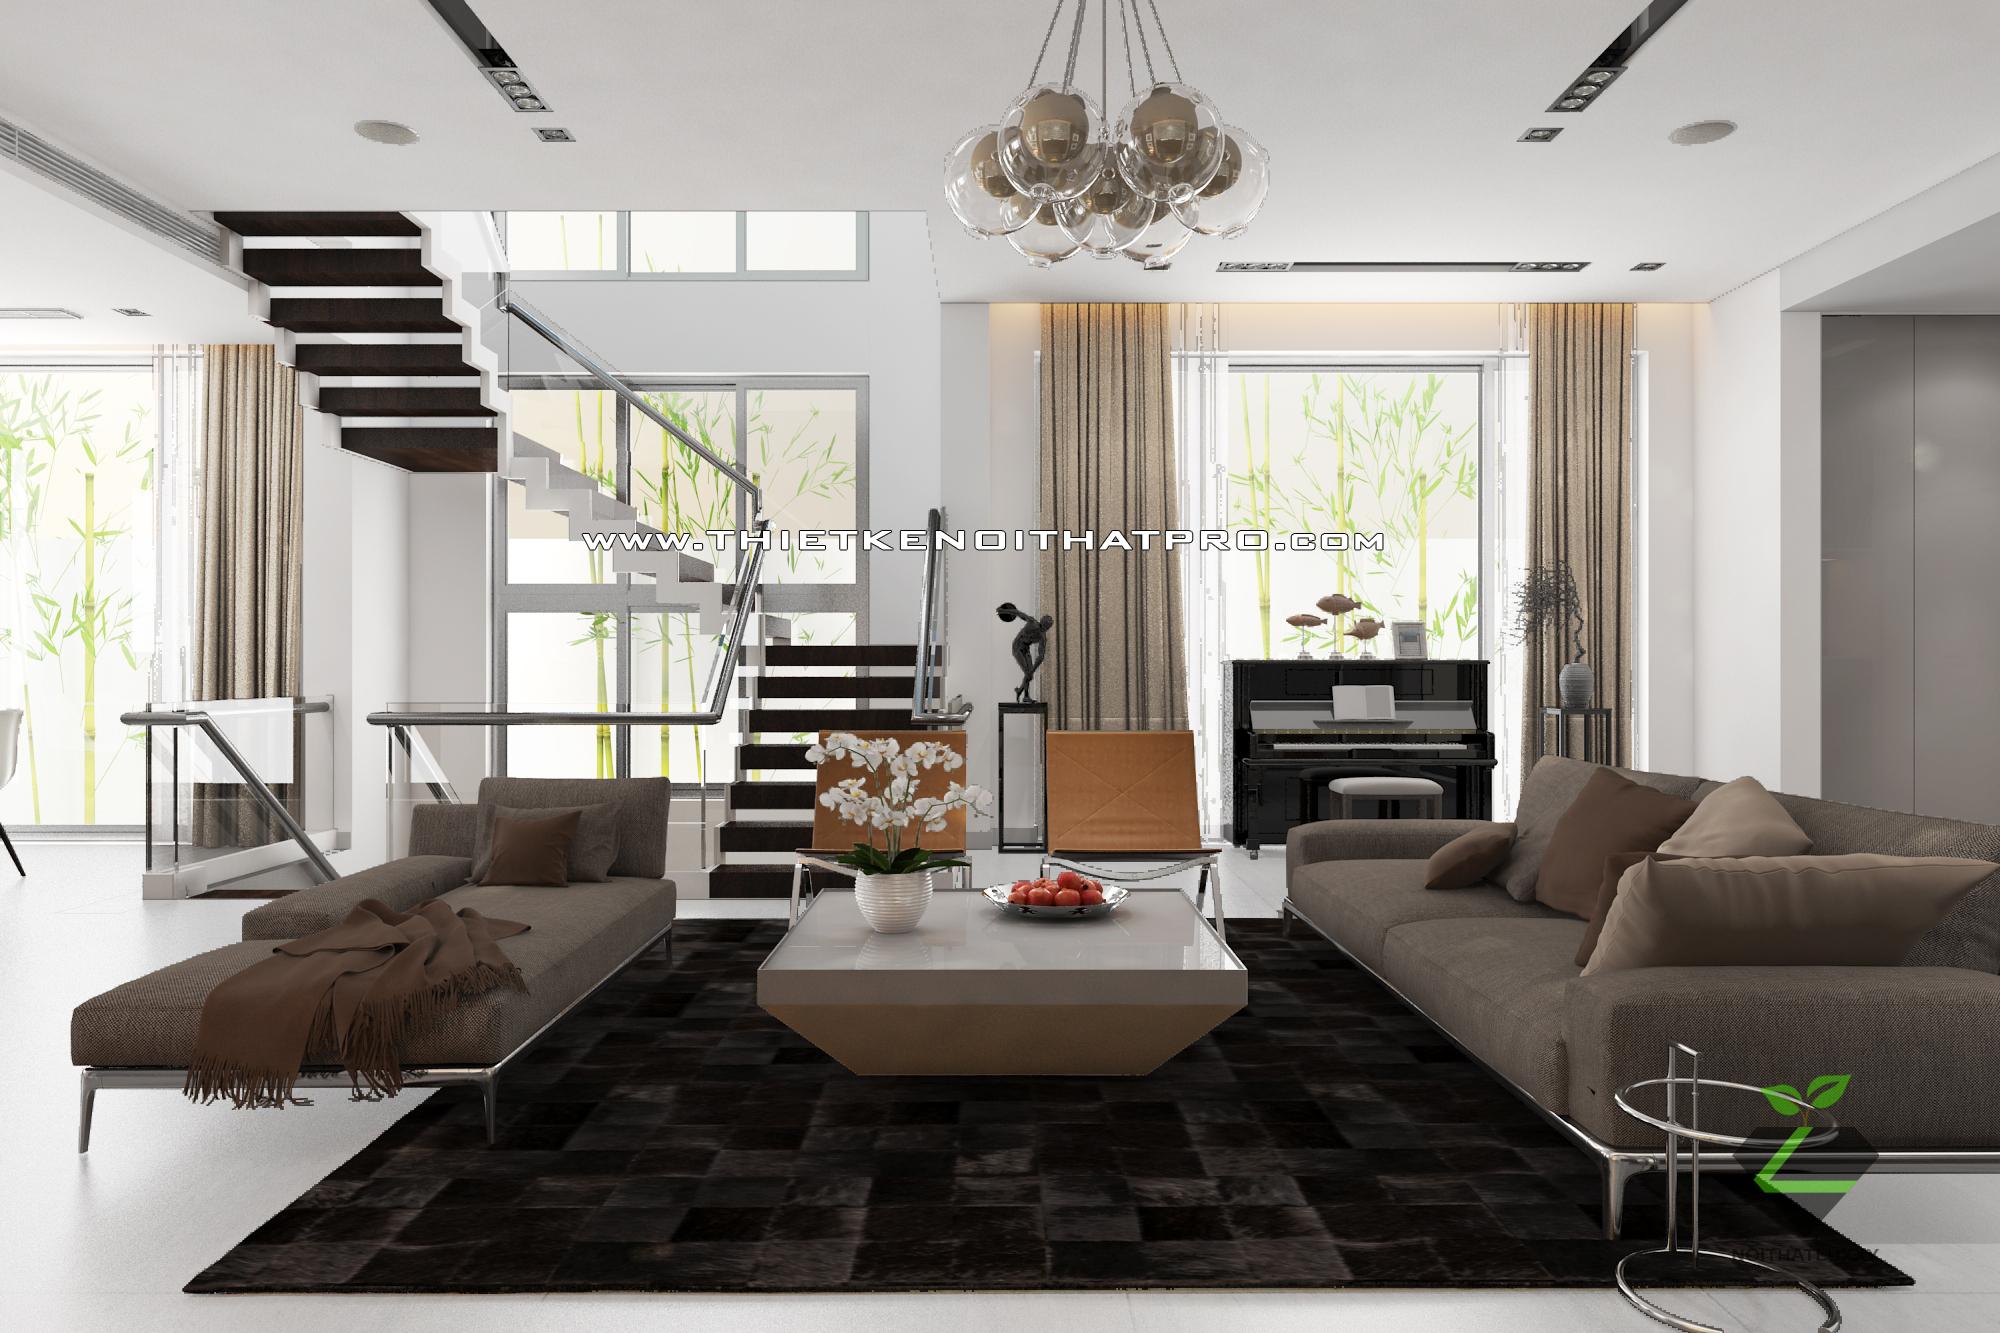 thiết kế nội thất Biệt Thự tại Hà Nội bt Vinhomes - riverside 9 1568085335